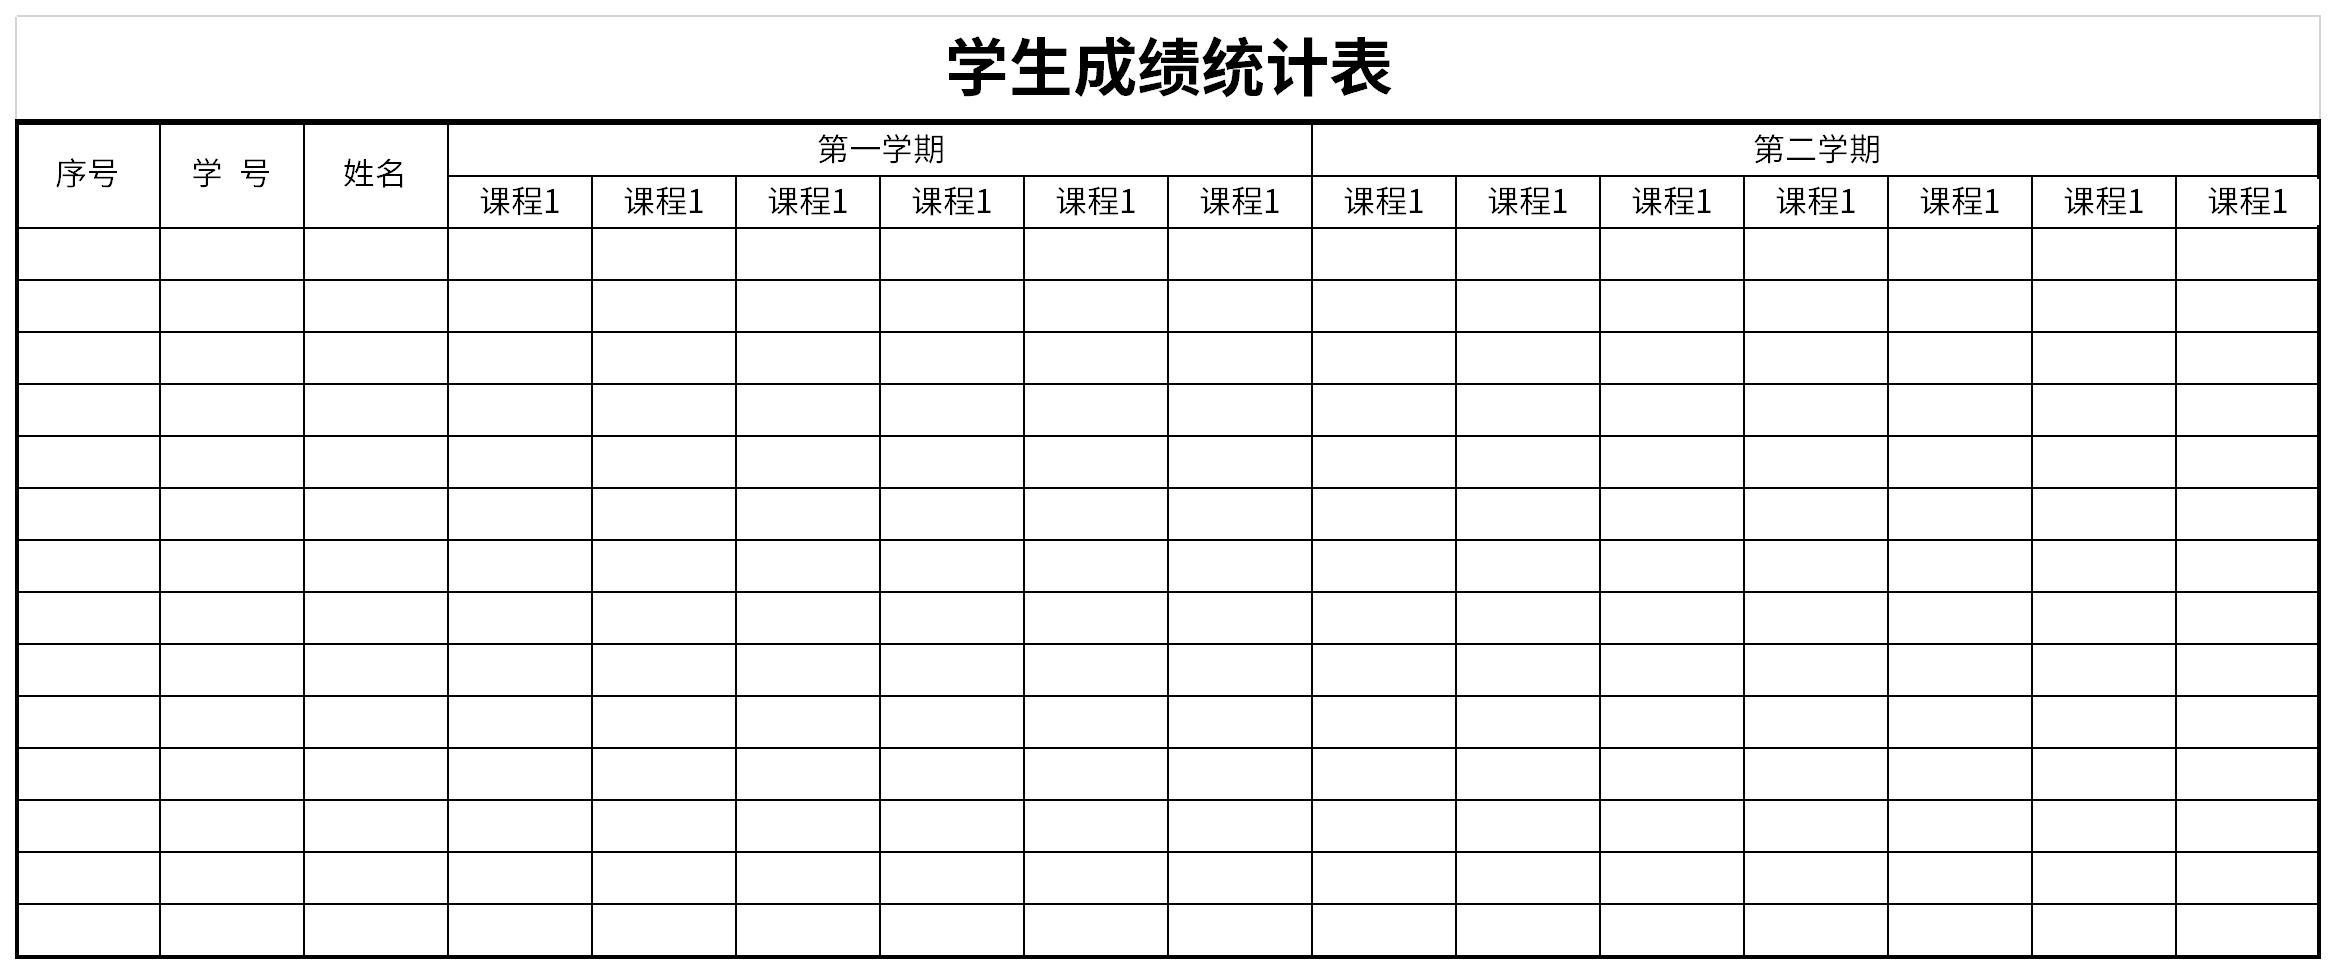 2021学生成绩统计表截图